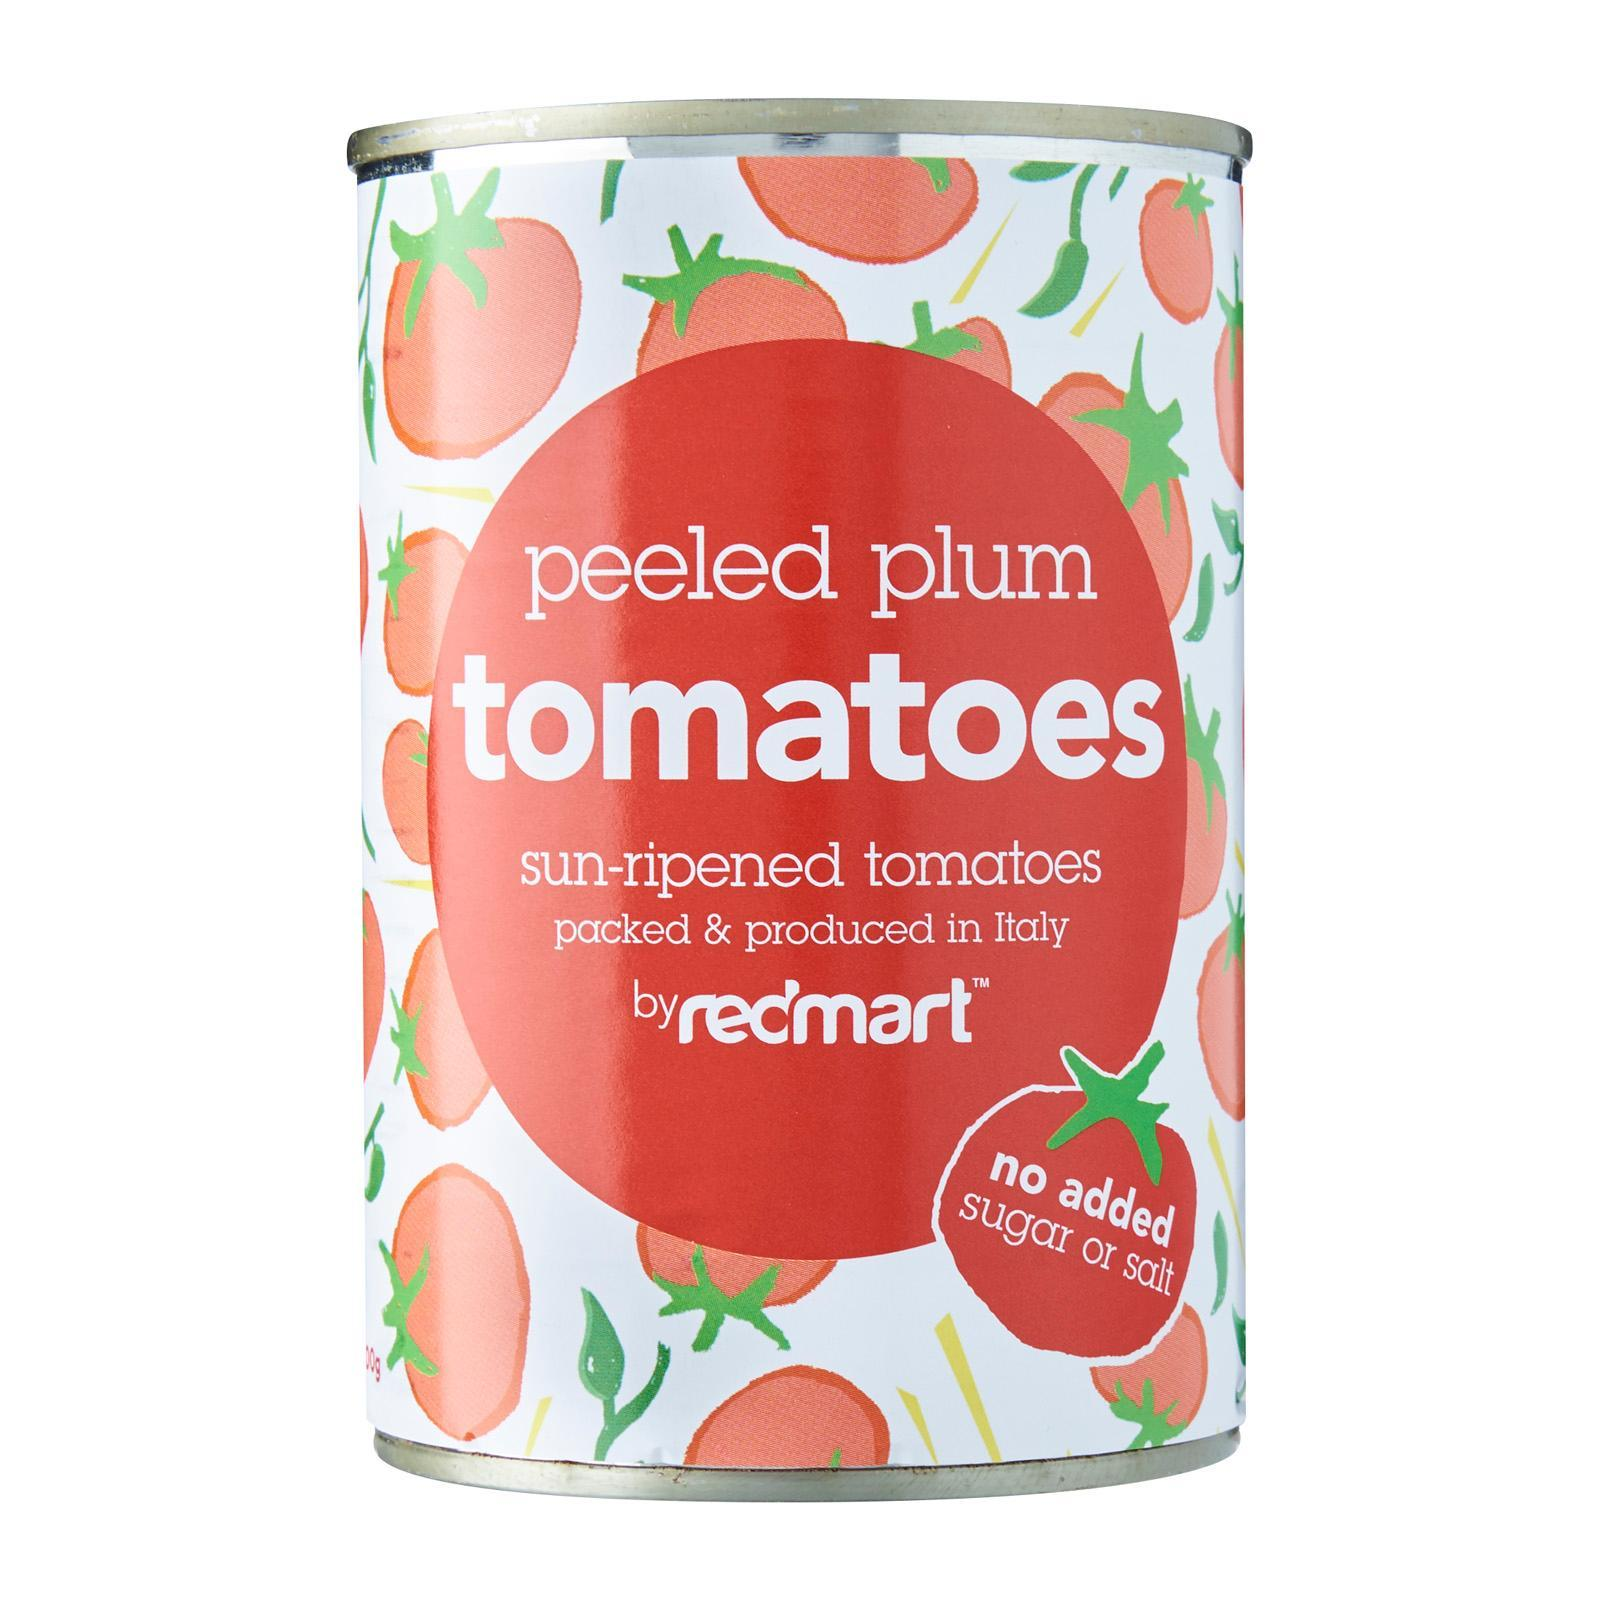 RedMart Italian Peeled Plum Tomatoes